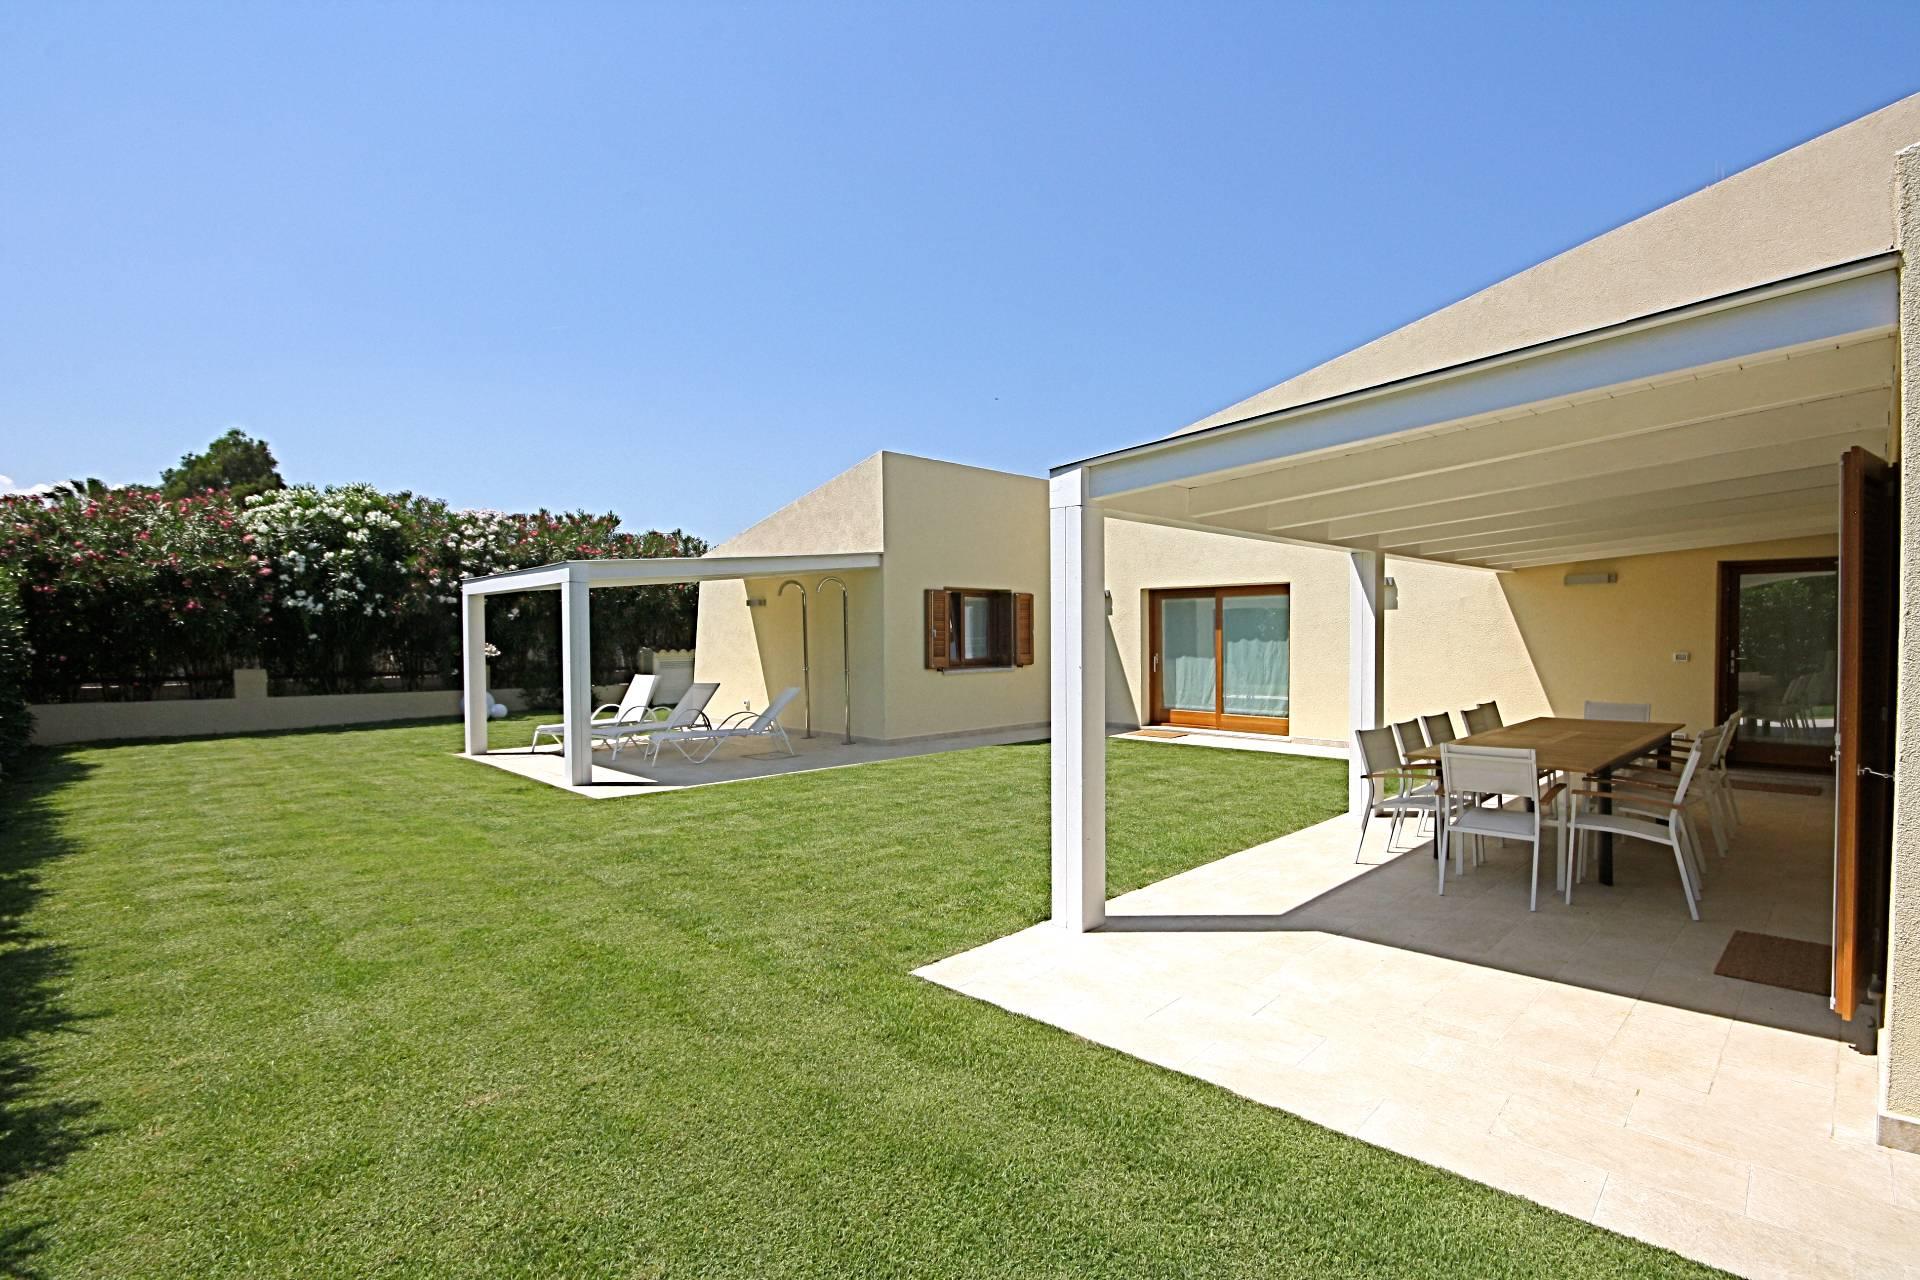 Villa in affitto a San Teodoro, 7 locali, Trattative riservate | CambioCasa.it